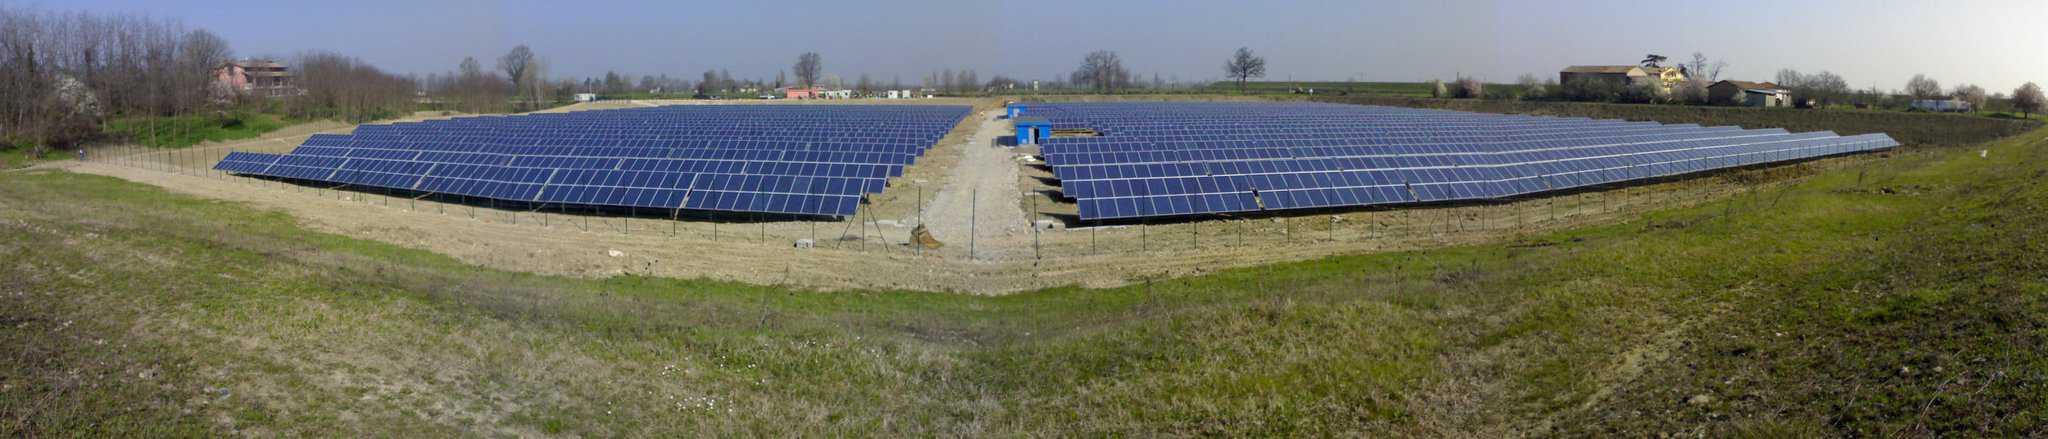 Previsione di produzione impianti fotovoltaici, impianto